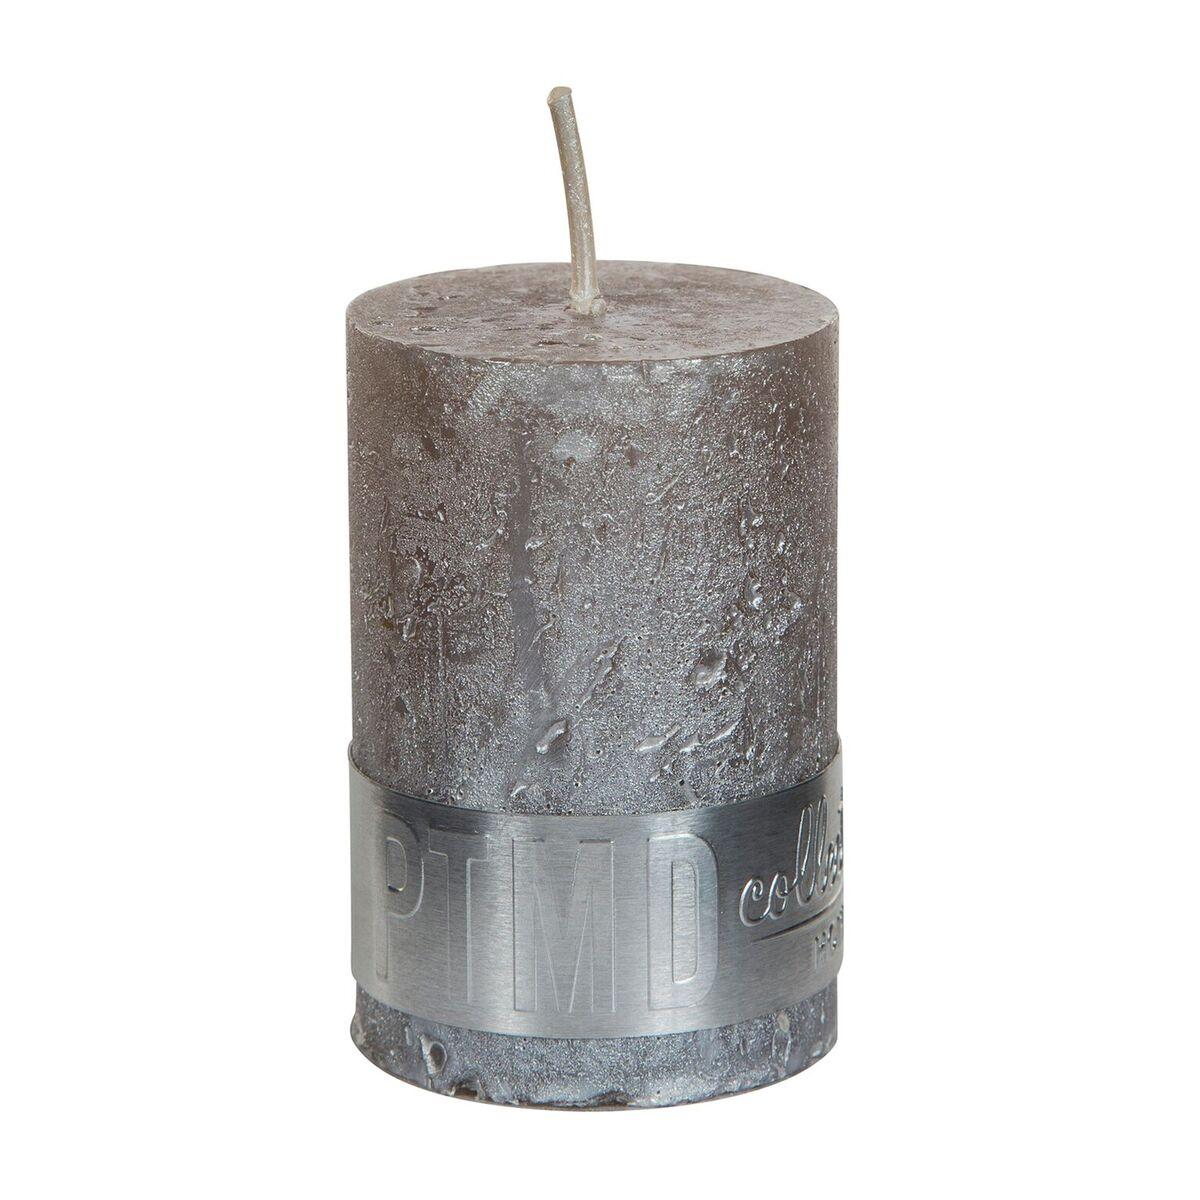 PTMD Kaars metallic taupe 6x4cm